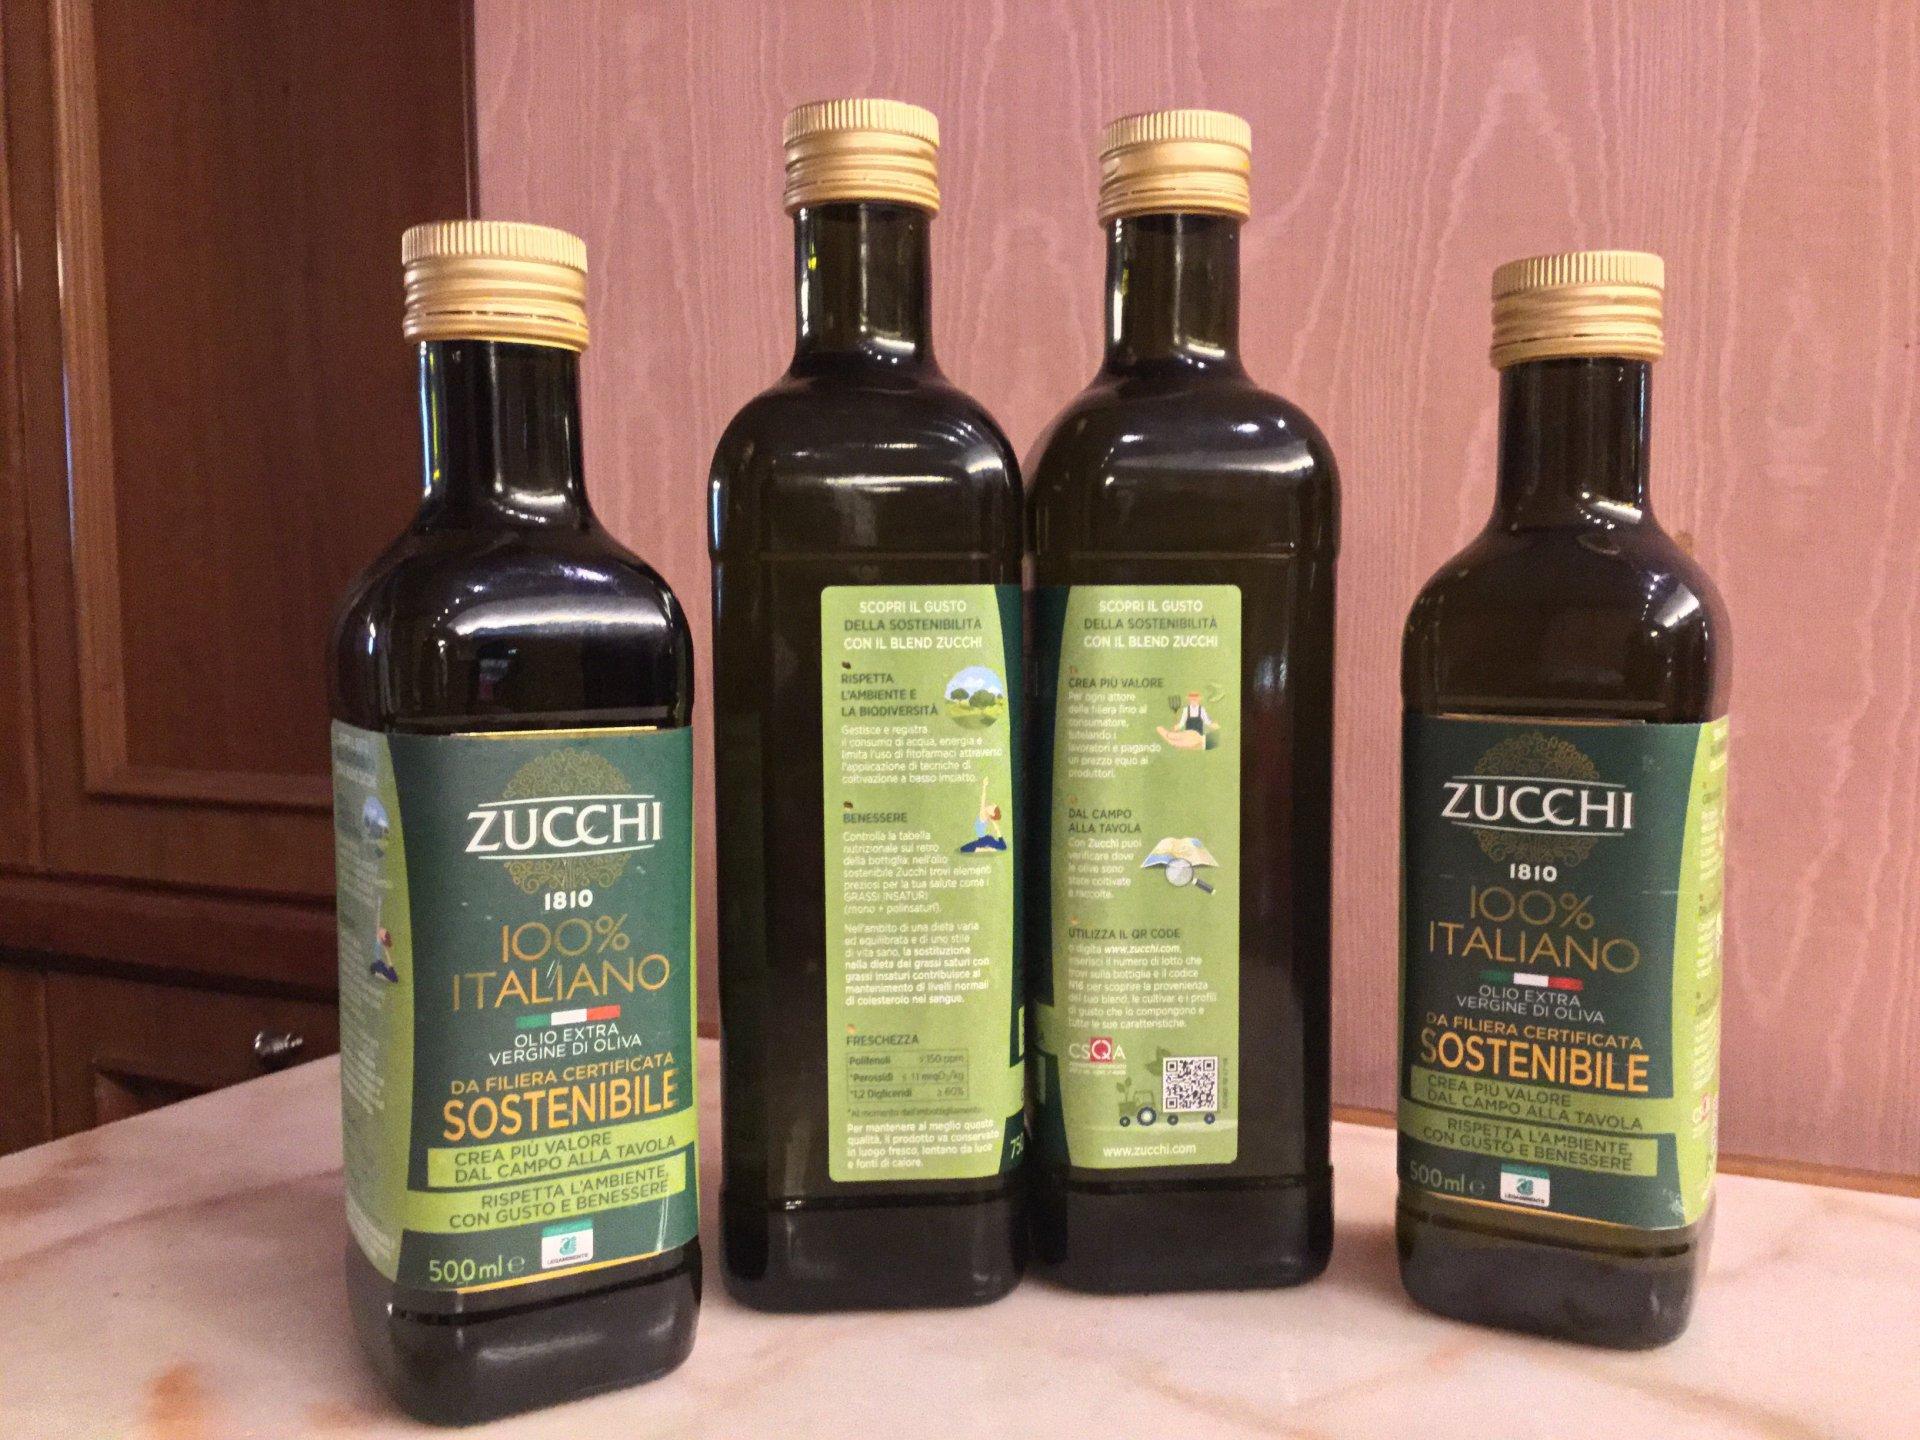 Parole chiave: olio sostenibile e biodiverso